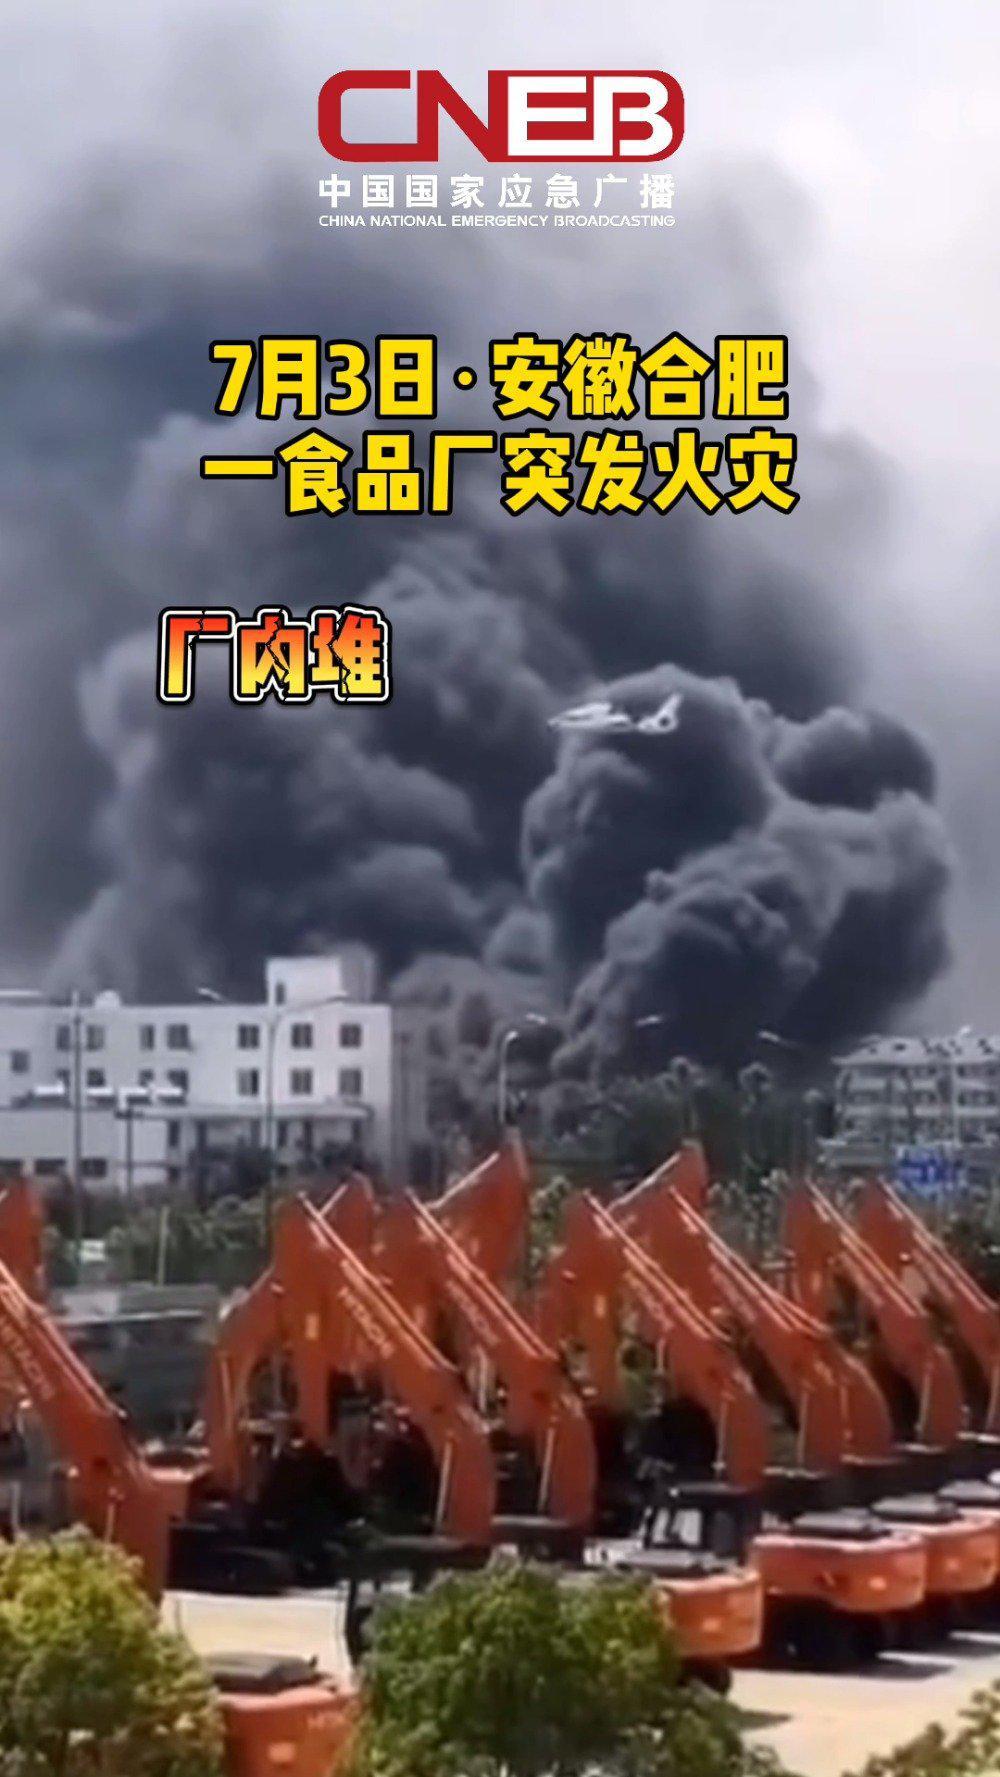 7月3日10时50分,安徽合肥一食品厂突发火灾,现场烟雾较大……